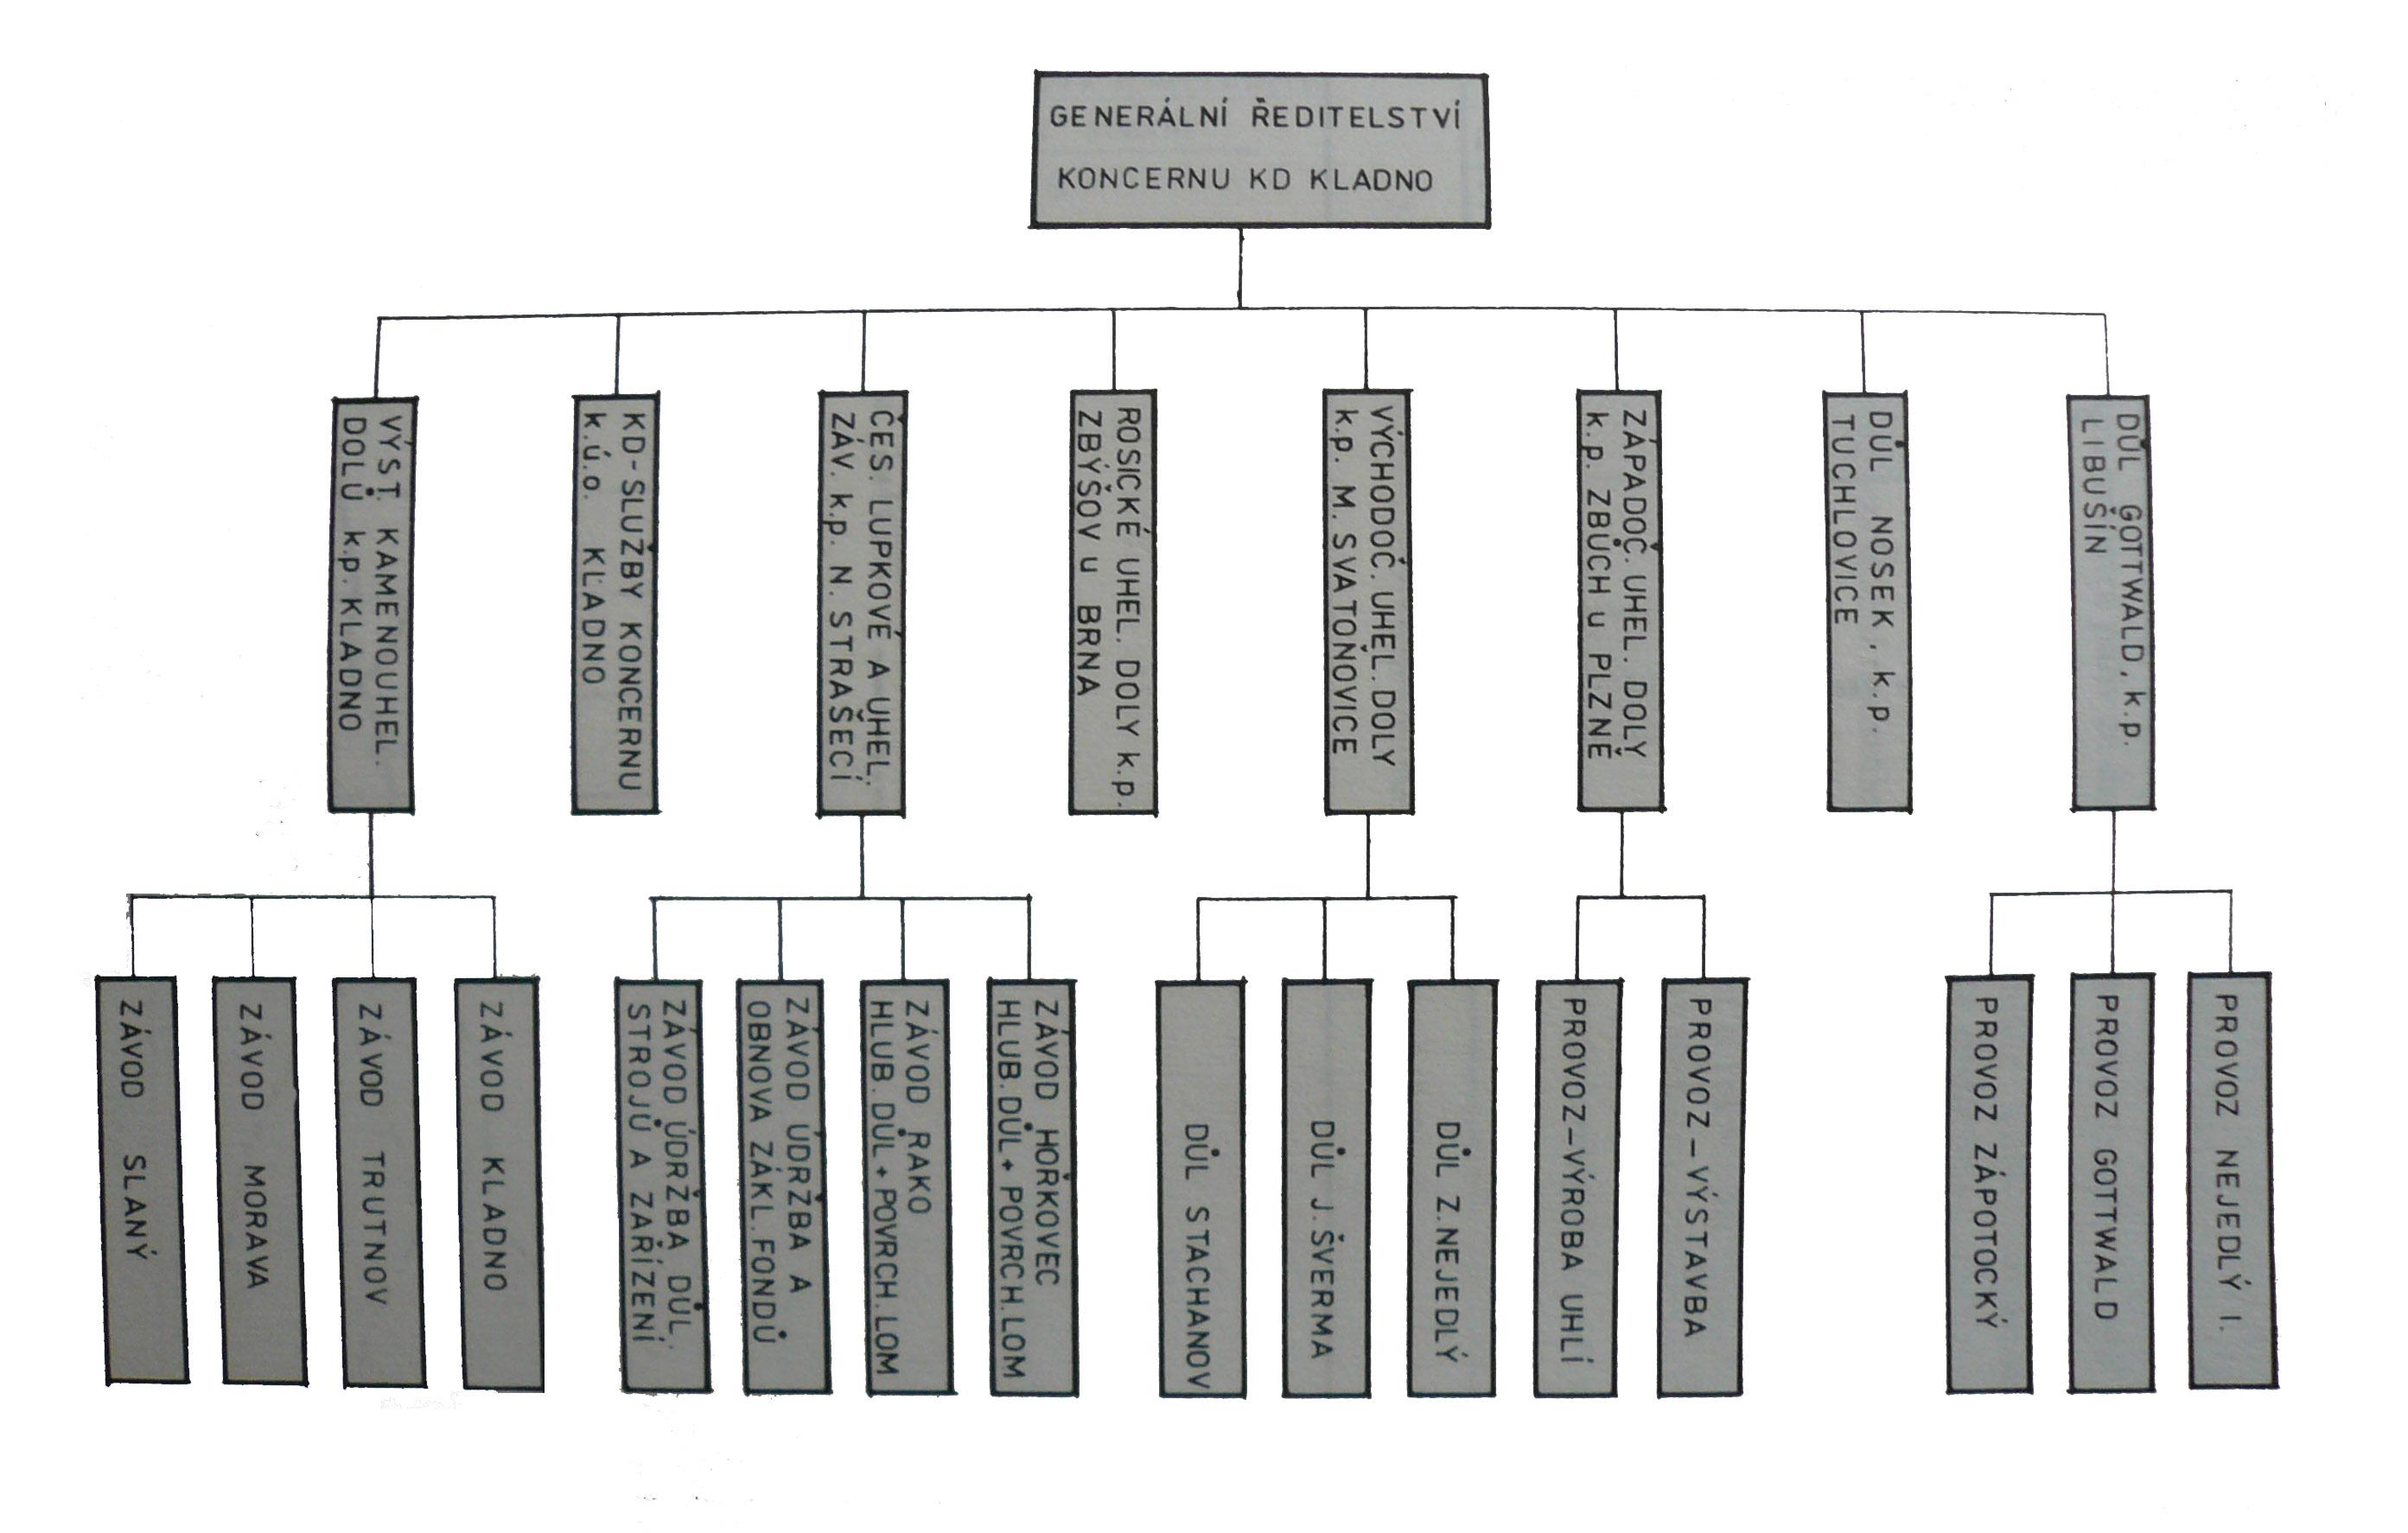 struktura-kd